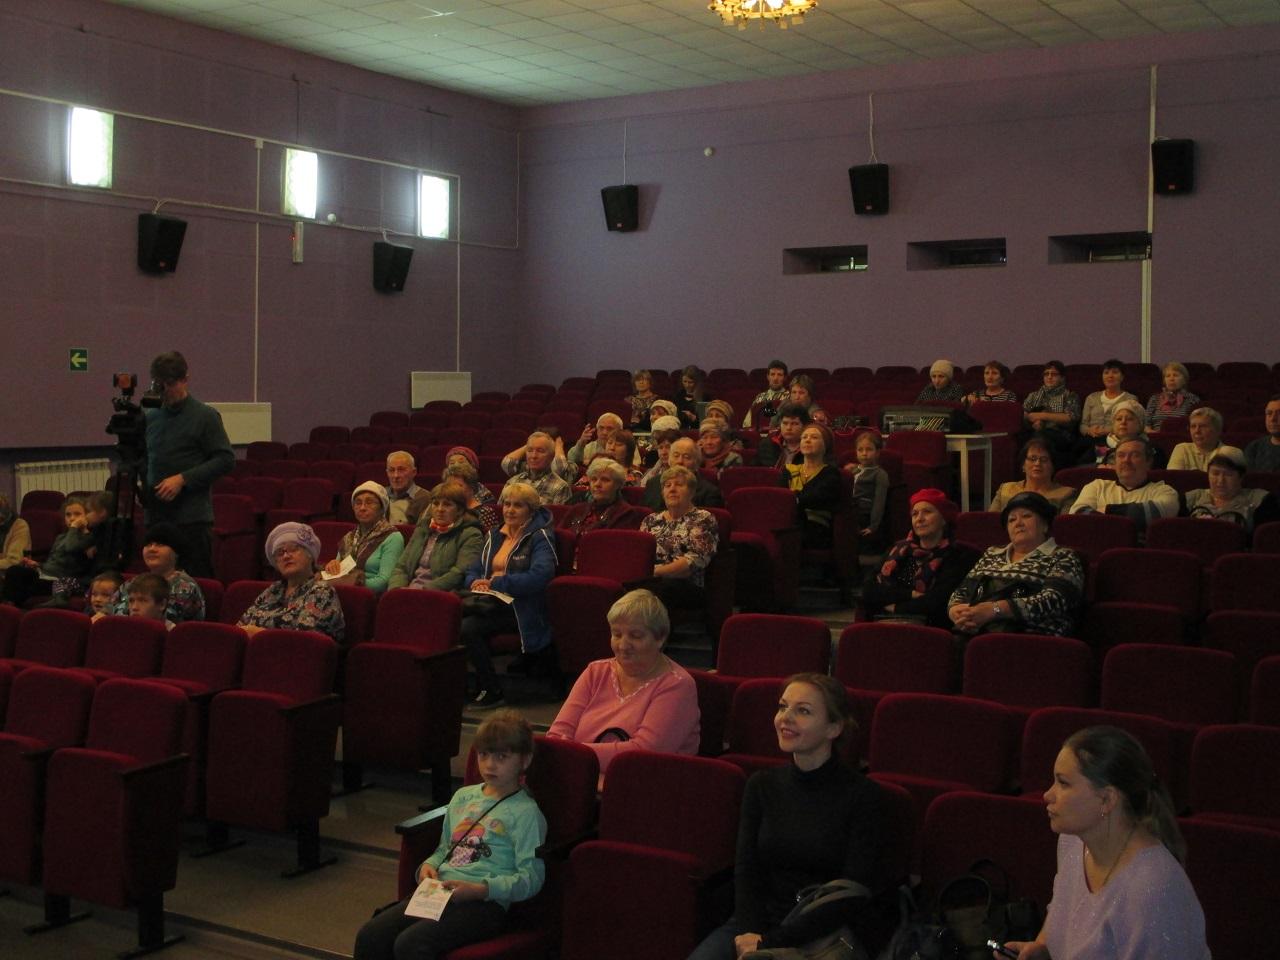 7 ноября Свердловский филиал компании «ЭнергосбыТ Плюс» совместно со «Сбербанком» провел бесплатную акцию для пожилых жителей Артемовского городского округа «Бабушка с дедушкой идут в кино».